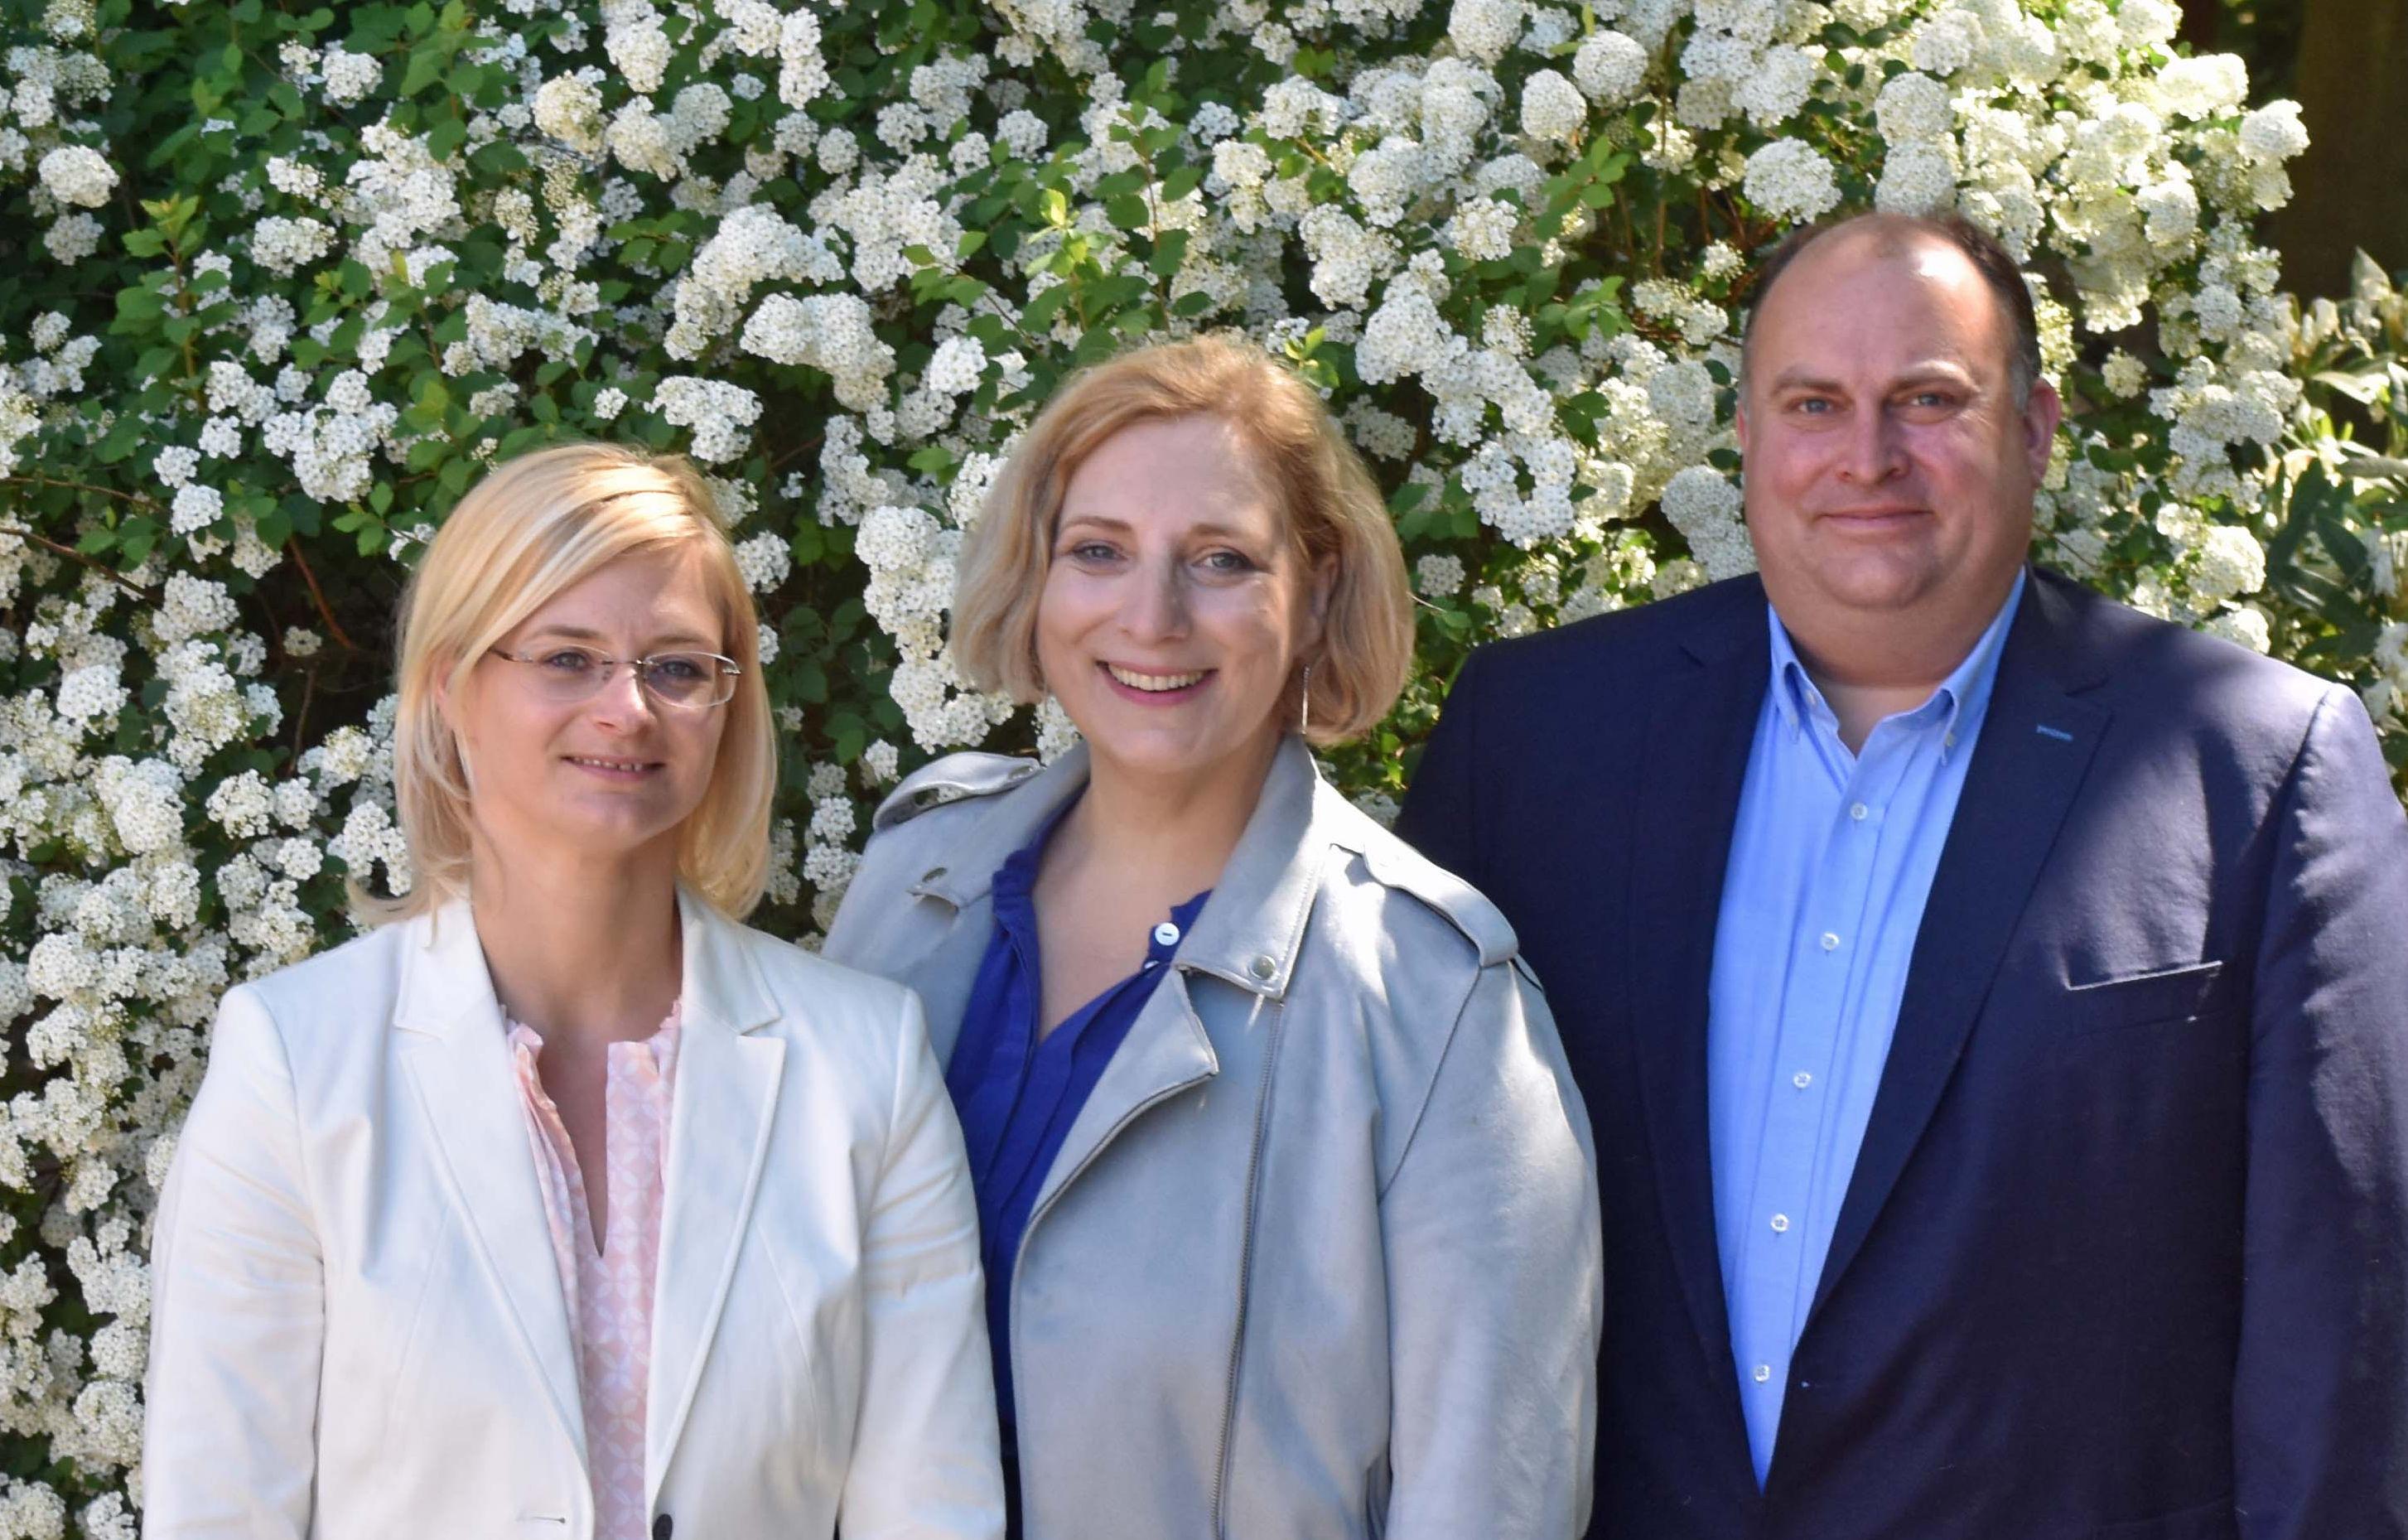 V.l.n.r.: Inga Meyer, Dr. Daniela De Ridder und Christian Otten